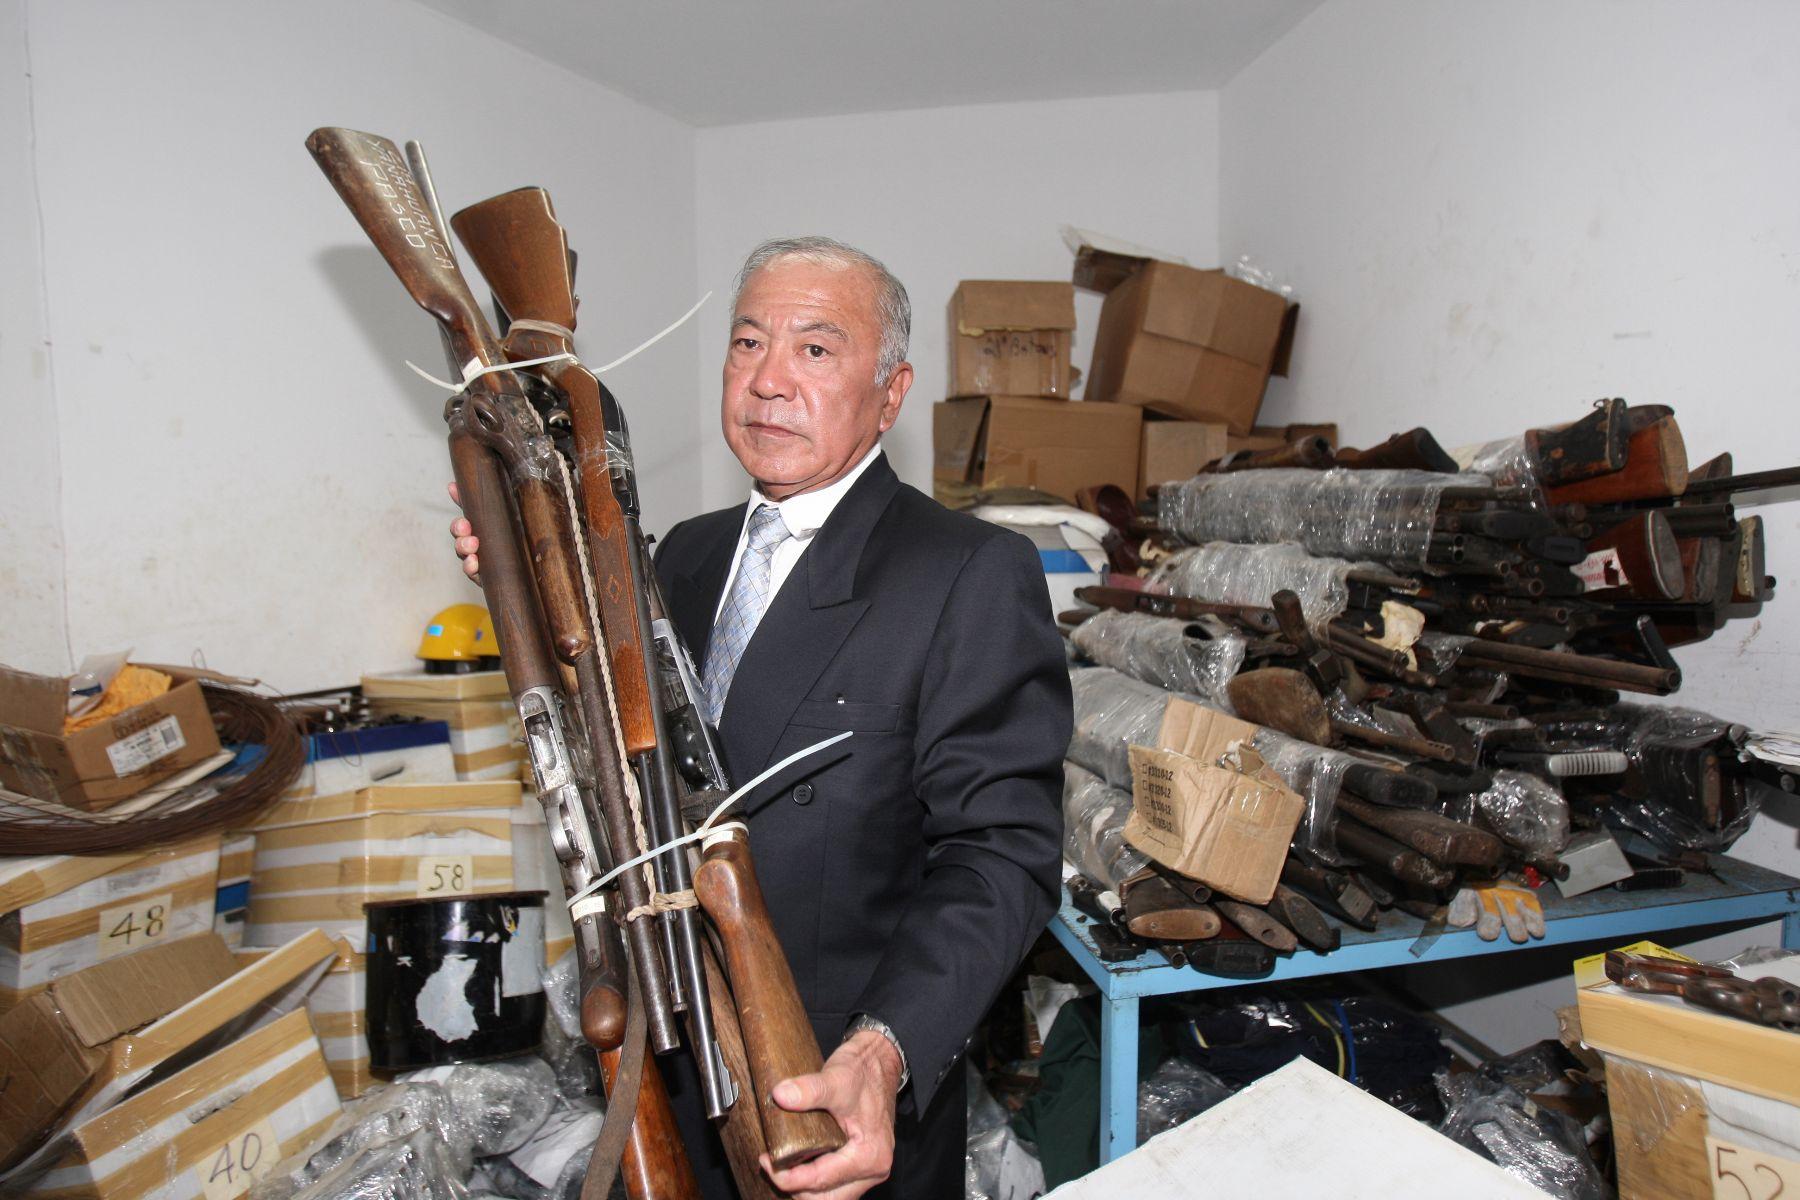 Director general de la Dicscamec, Ricardo Alberto Ganiku Furugen, en presentación de decomiso de armas. Foto: ANDINA/Norman Córdova.